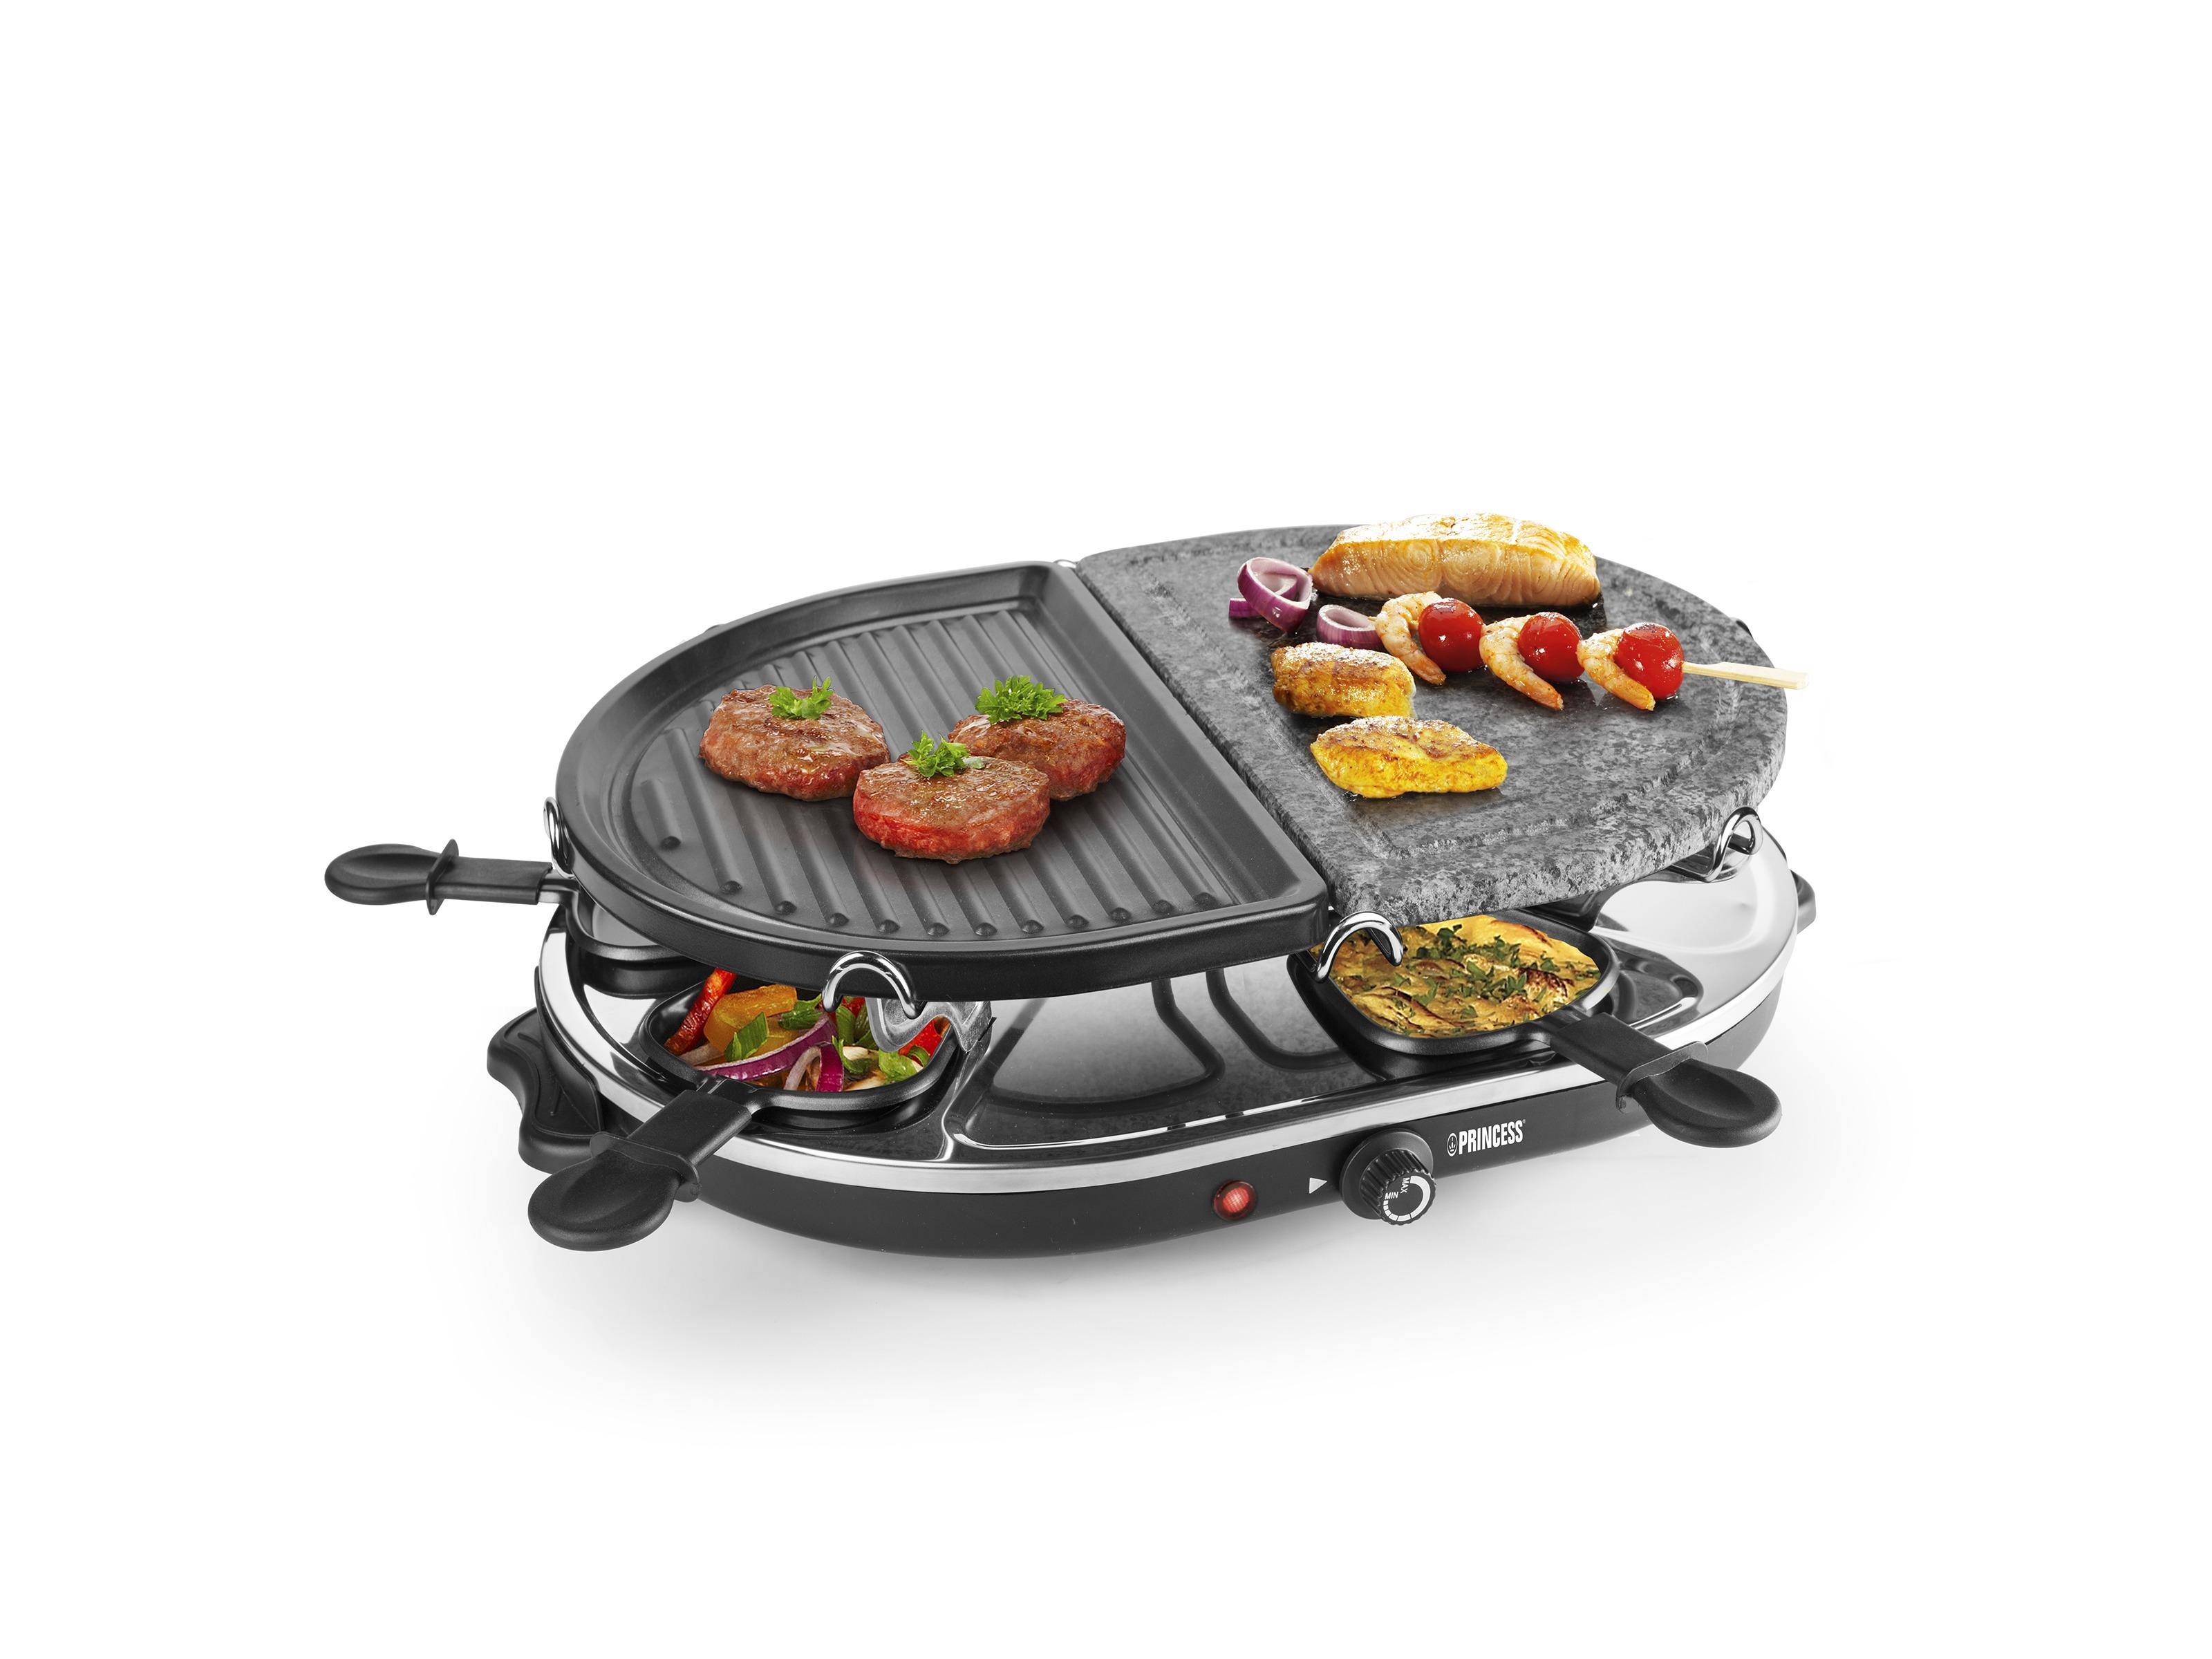 Princess 162710 fun-cooking